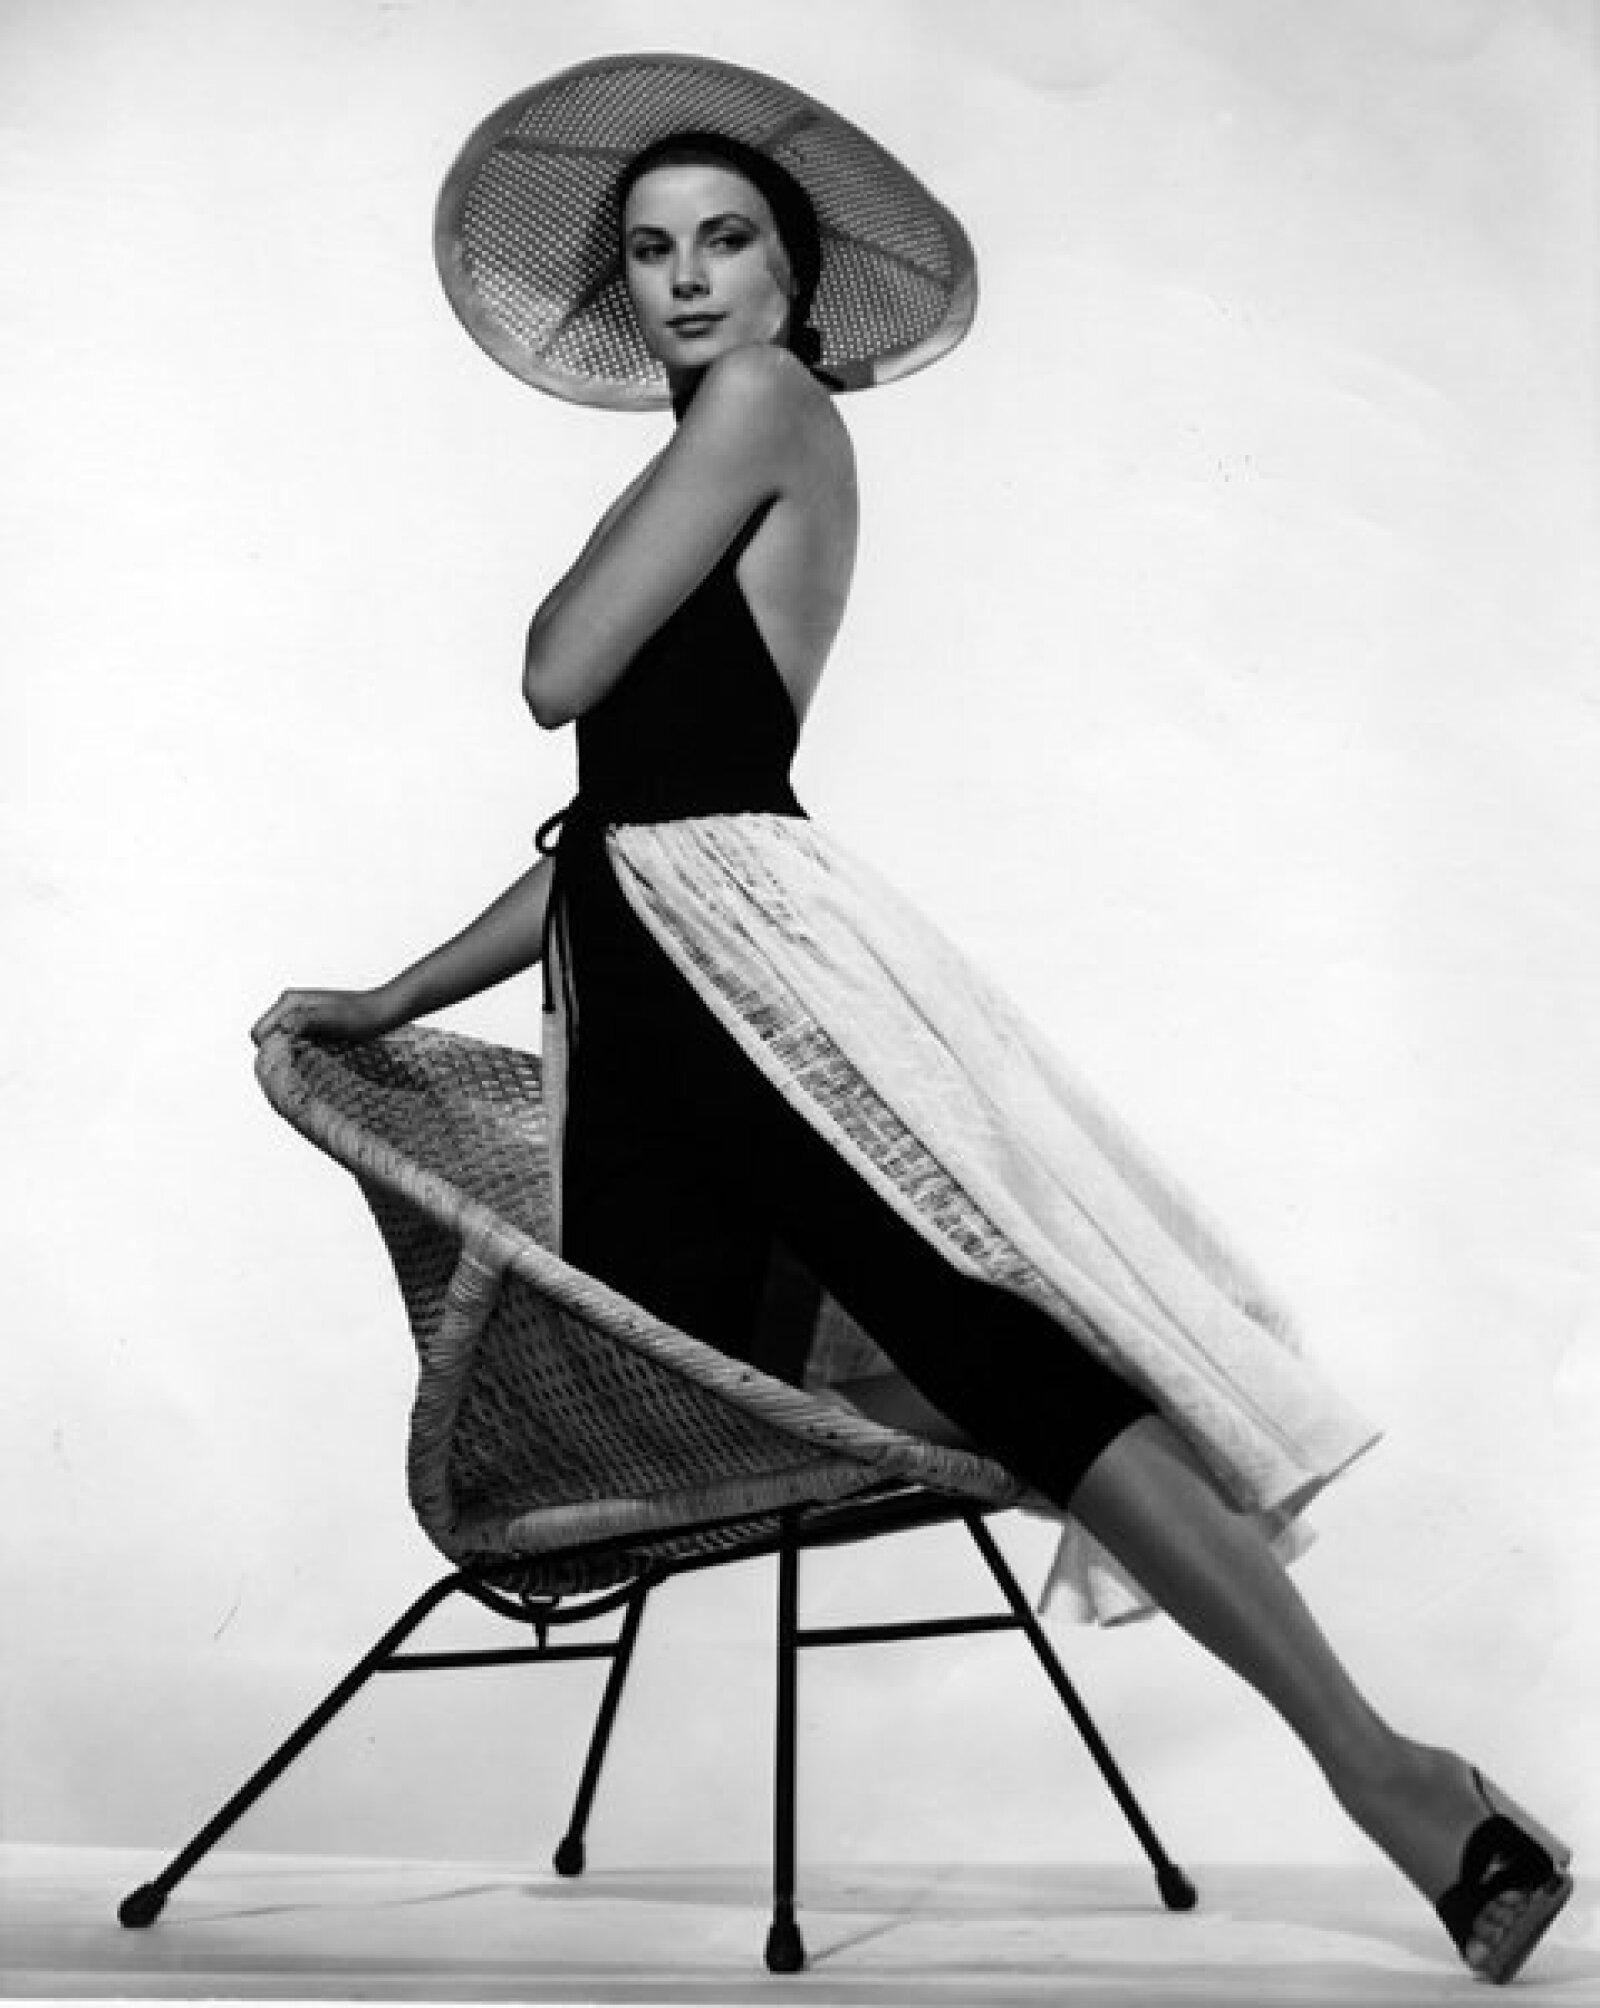 Antes de casarse con Rainiero de Mónaco, Grace Kelly era actriz. Comenzó su carrera a los 18 años y ganó varios premios, pero se retiró para convertirse en princesa de Mónaco.